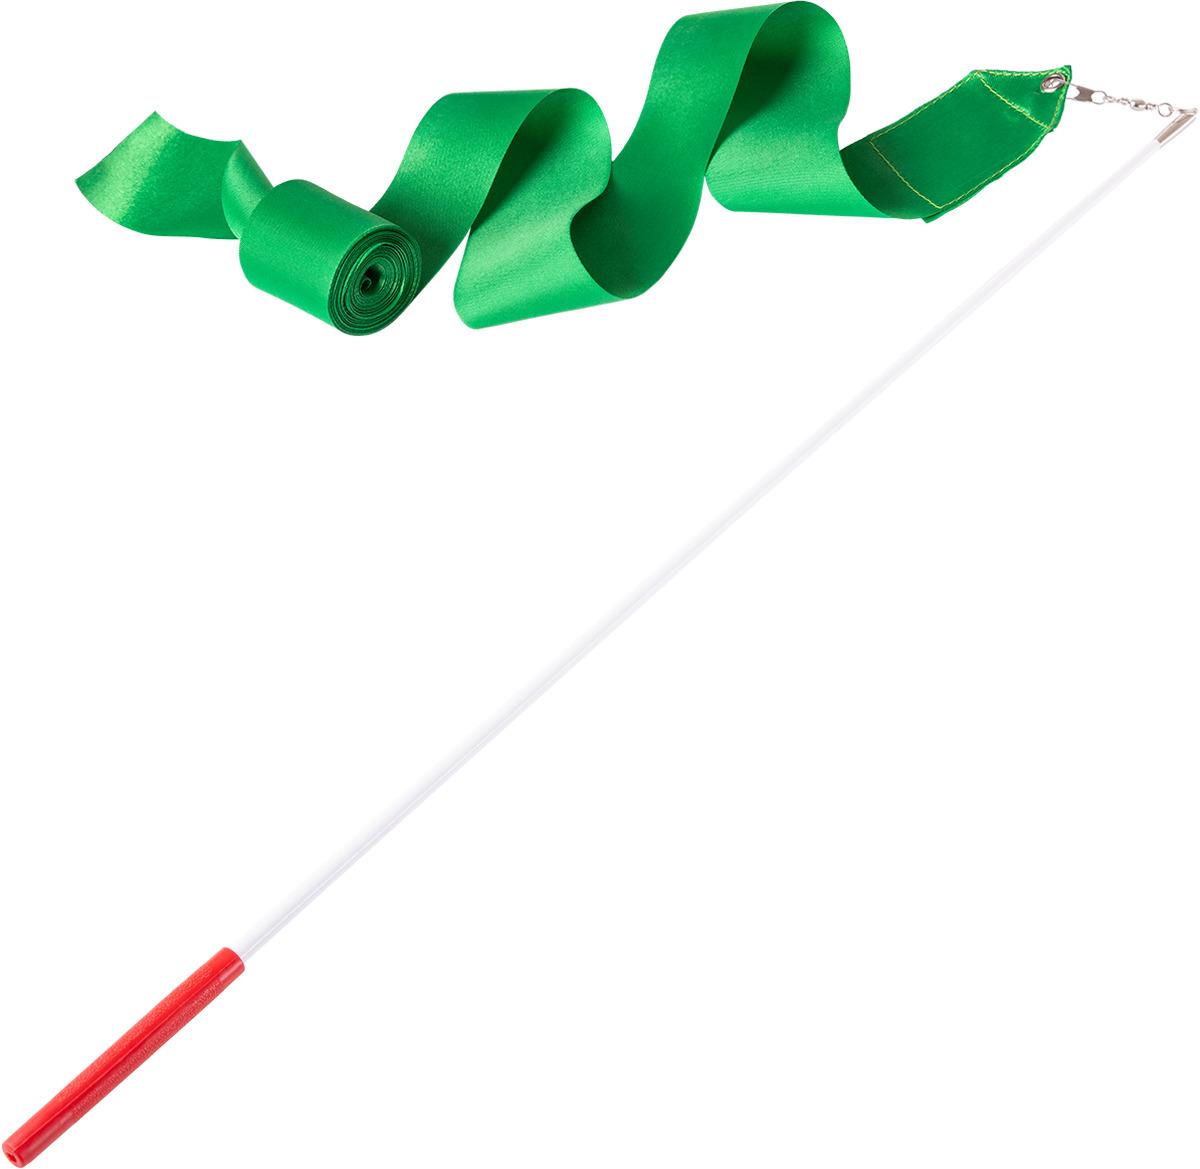 Лента для х/г Amely AGR-201 6м, с палочкой 56 см, зеленый